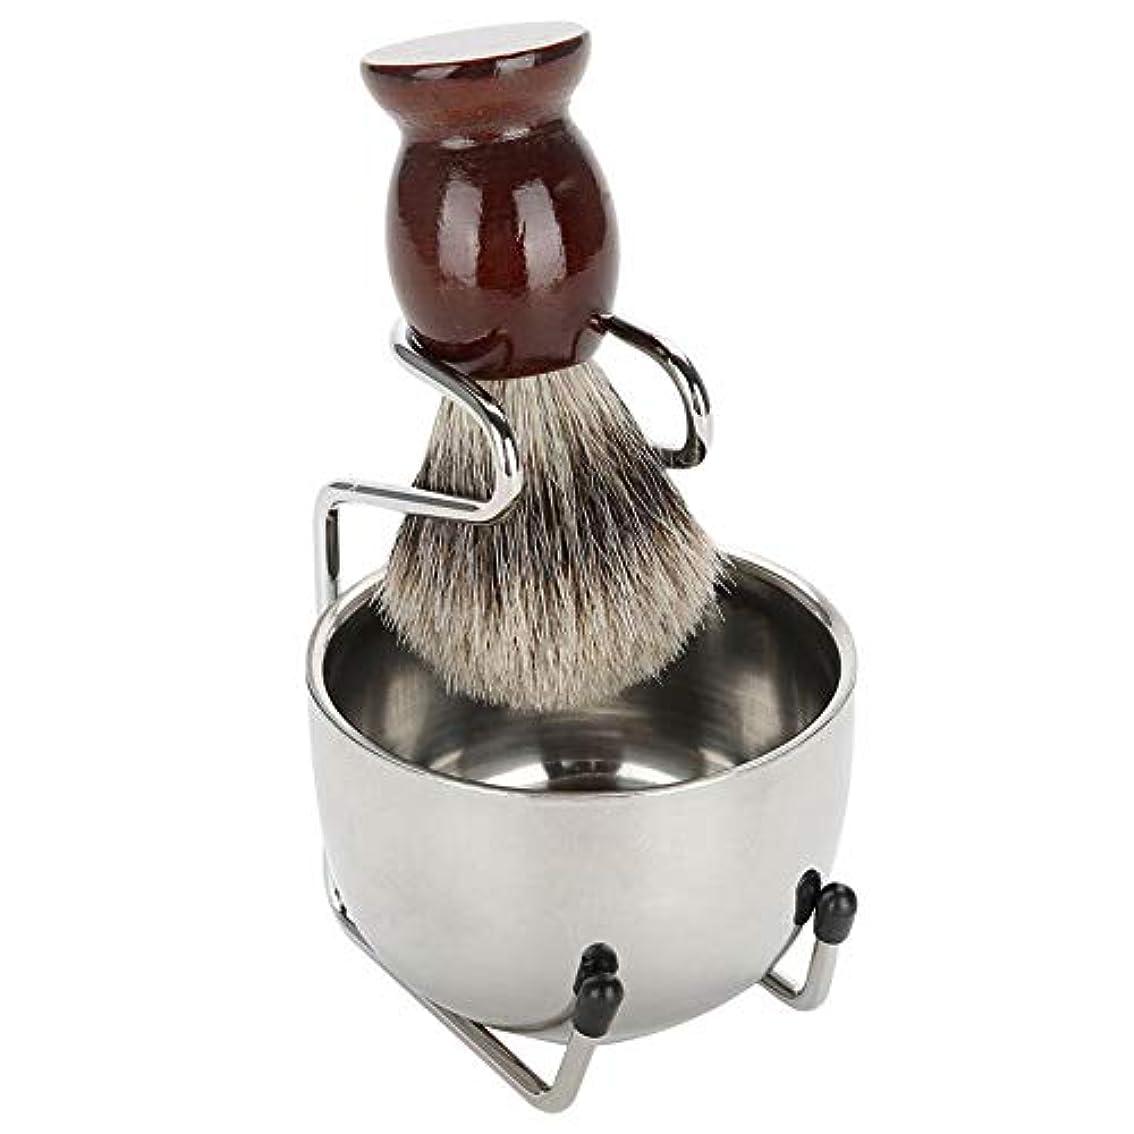 あいまいジェームズダイソン管理しますOchun シェービング ブラシ セットヒゲブラシステンレス ブラシスタンド石鹸ボウルキット泡 立ち 髭剃り 洗顔 理容 マッサージ 美容 誕生日 クリスマス プレゼント(#2)